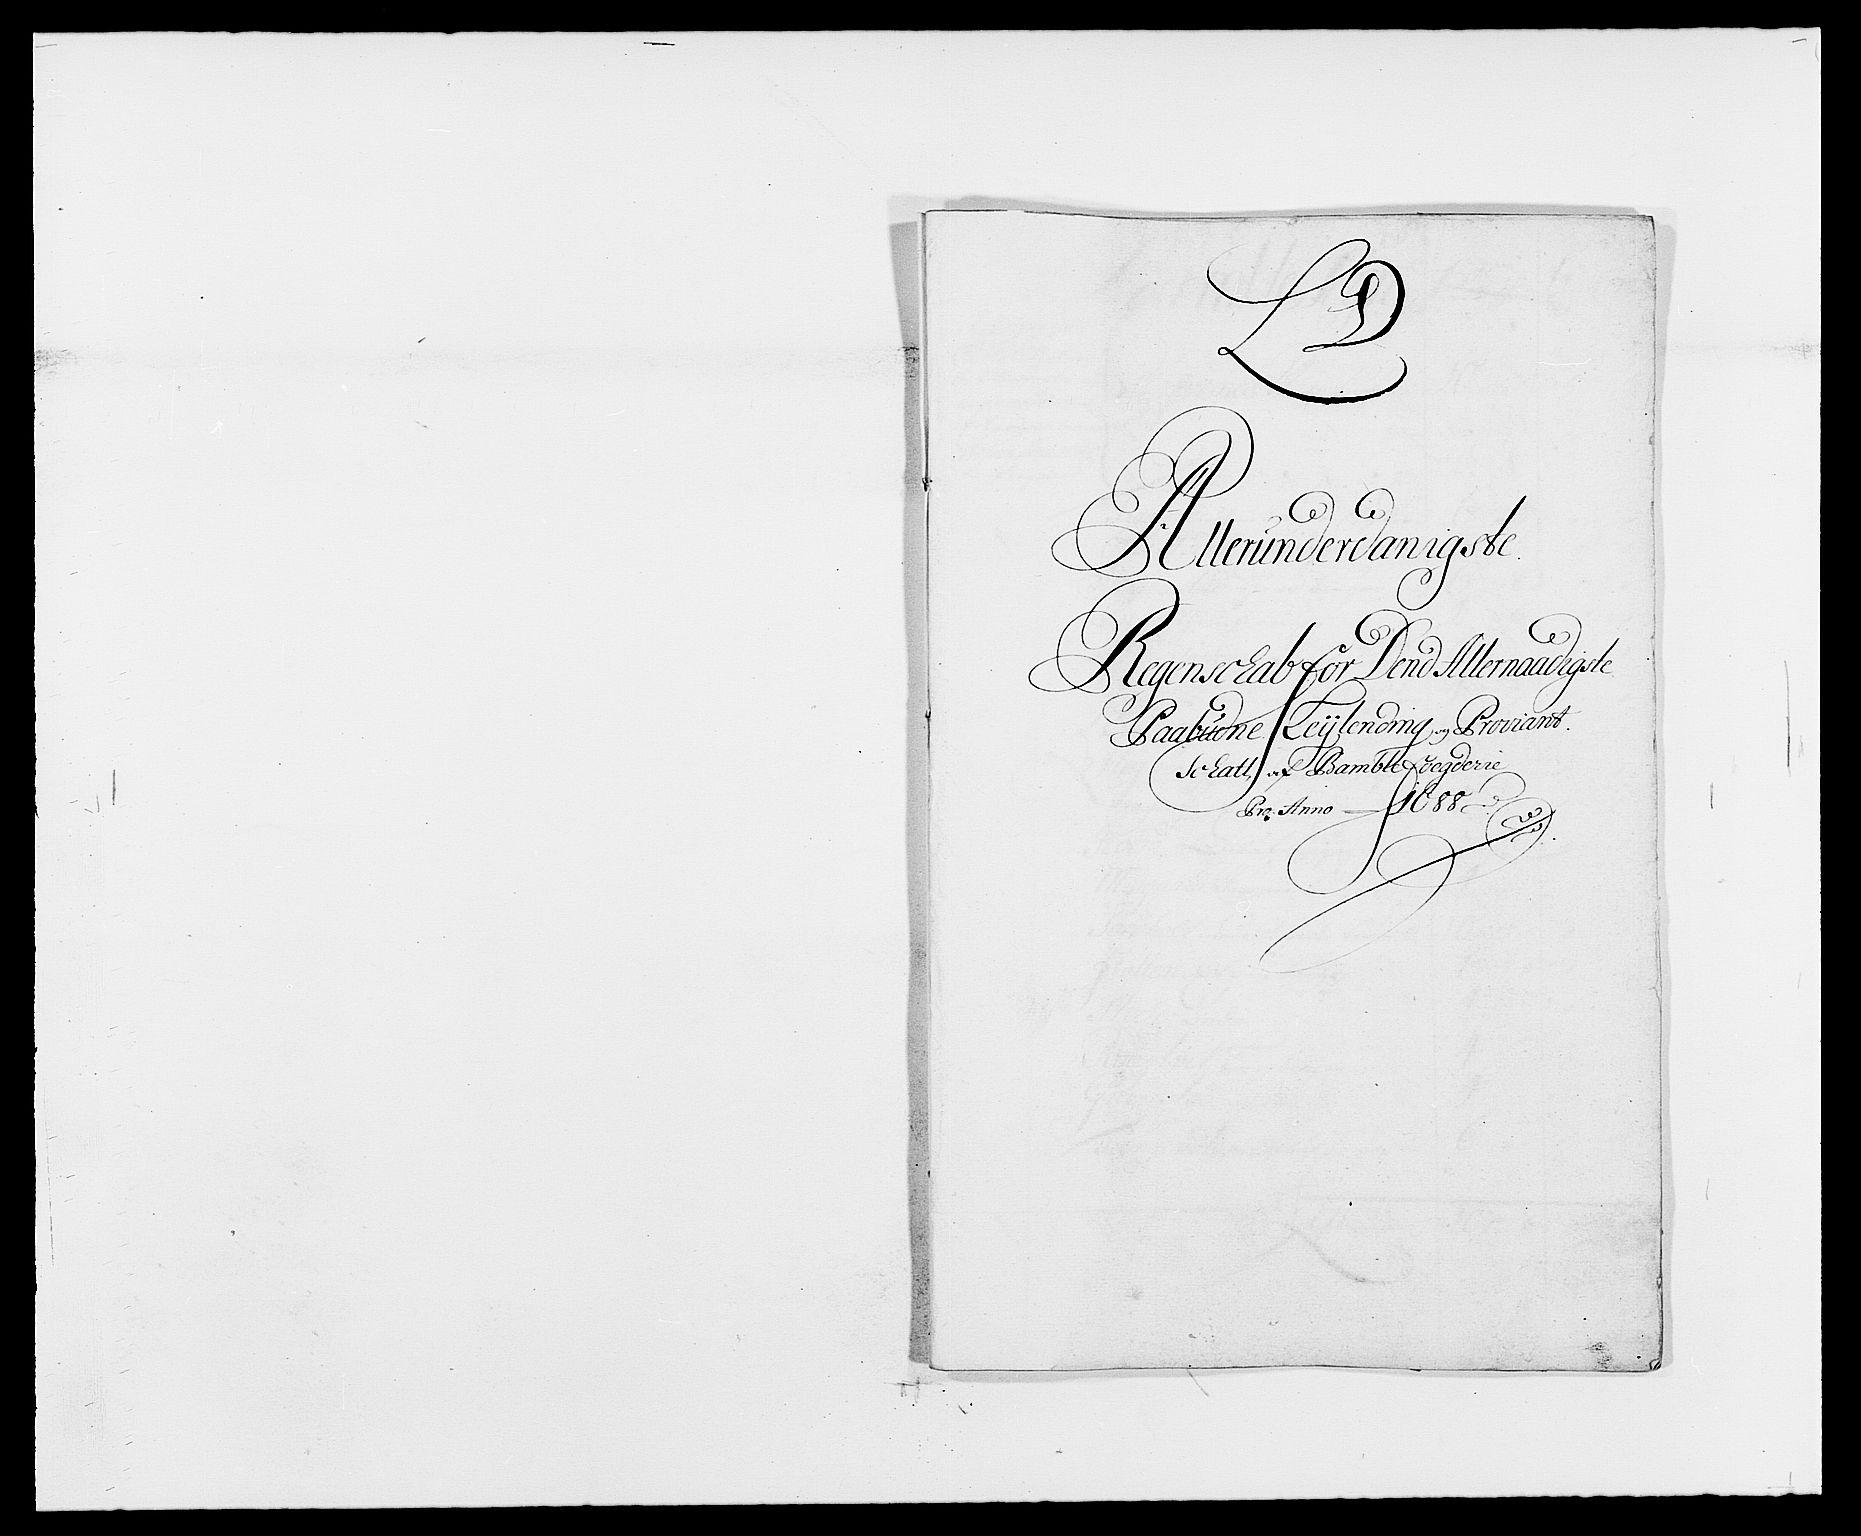 RA, Rentekammeret inntil 1814, Reviderte regnskaper, Fogderegnskap, R34/L2050: Fogderegnskap Bamble, 1688-1691, s. 80